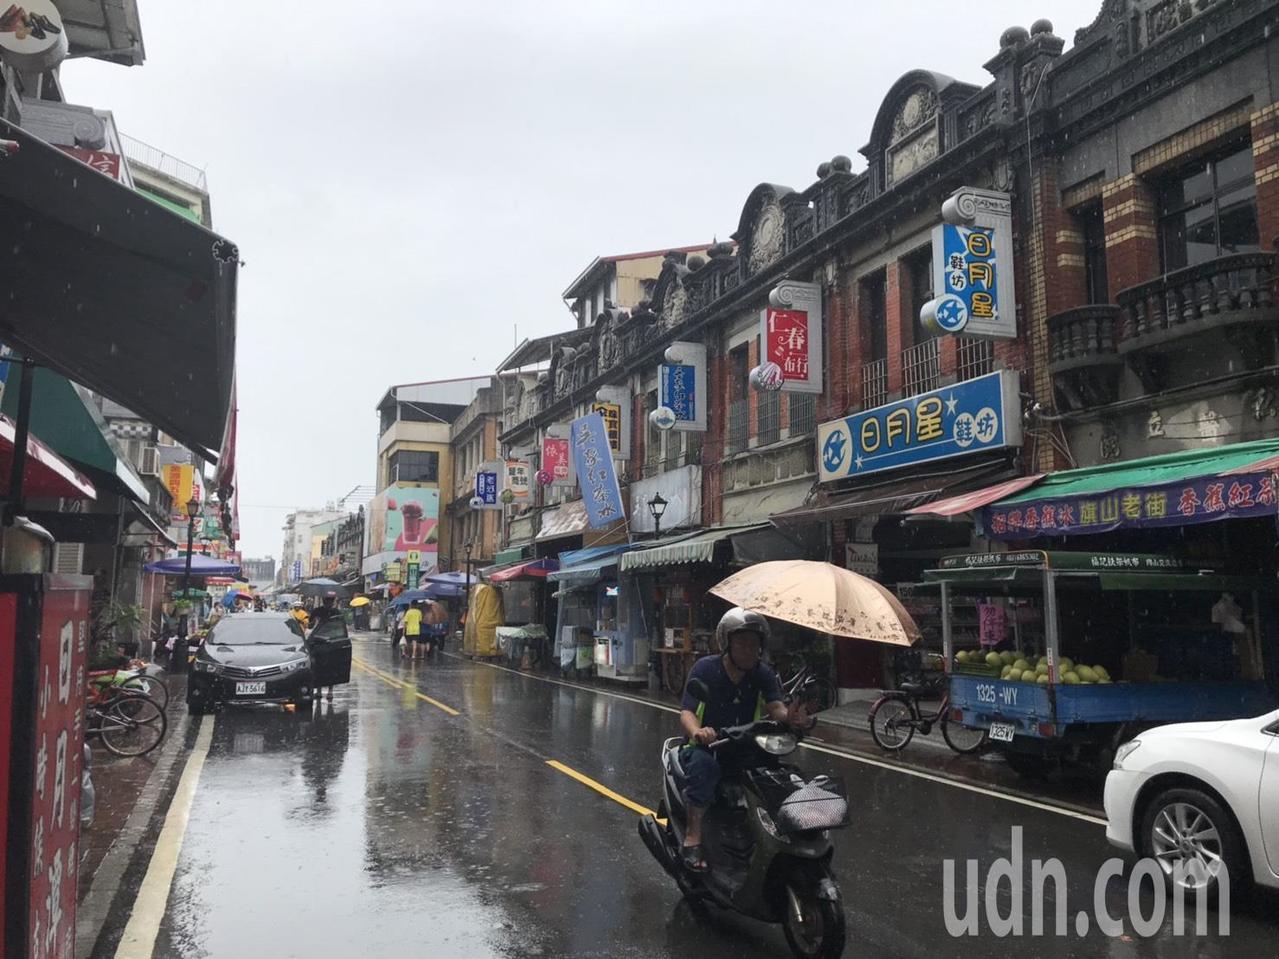 南部雨下不停,今天是假日,高雄旗山老街遊客稀少。記者徐白櫻/攝影